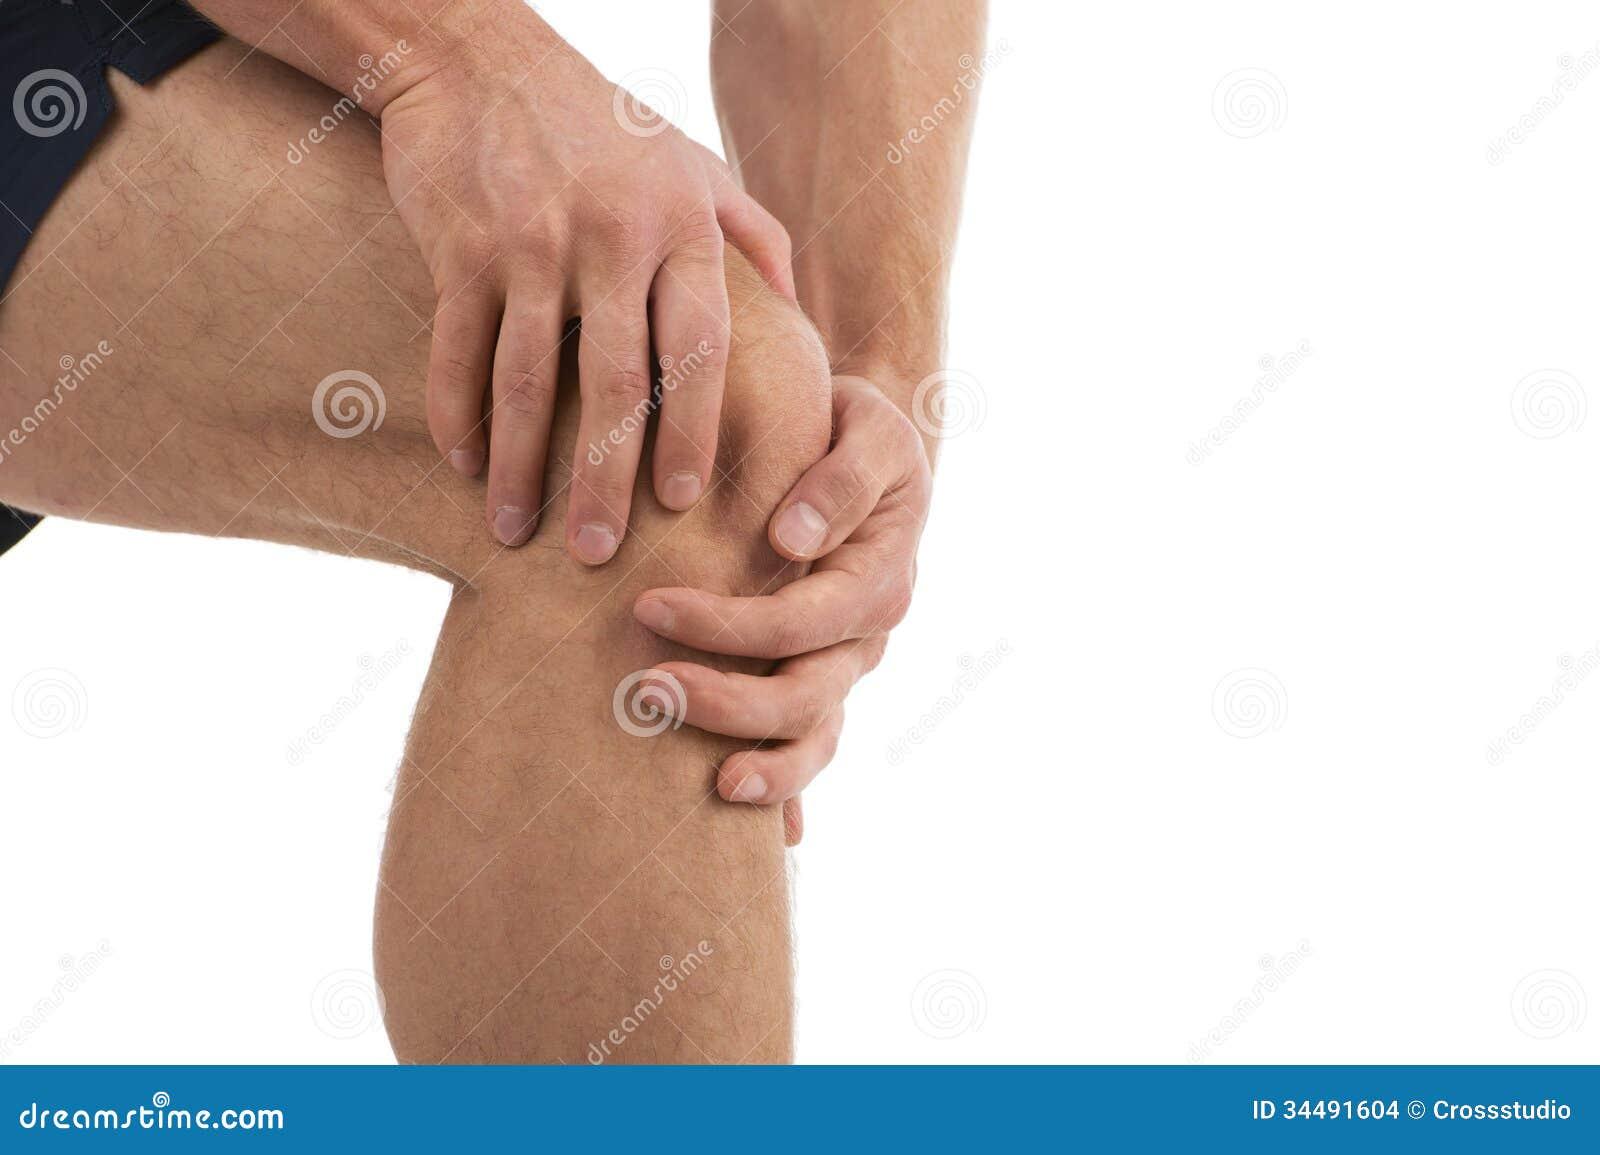 Douleur de genou.